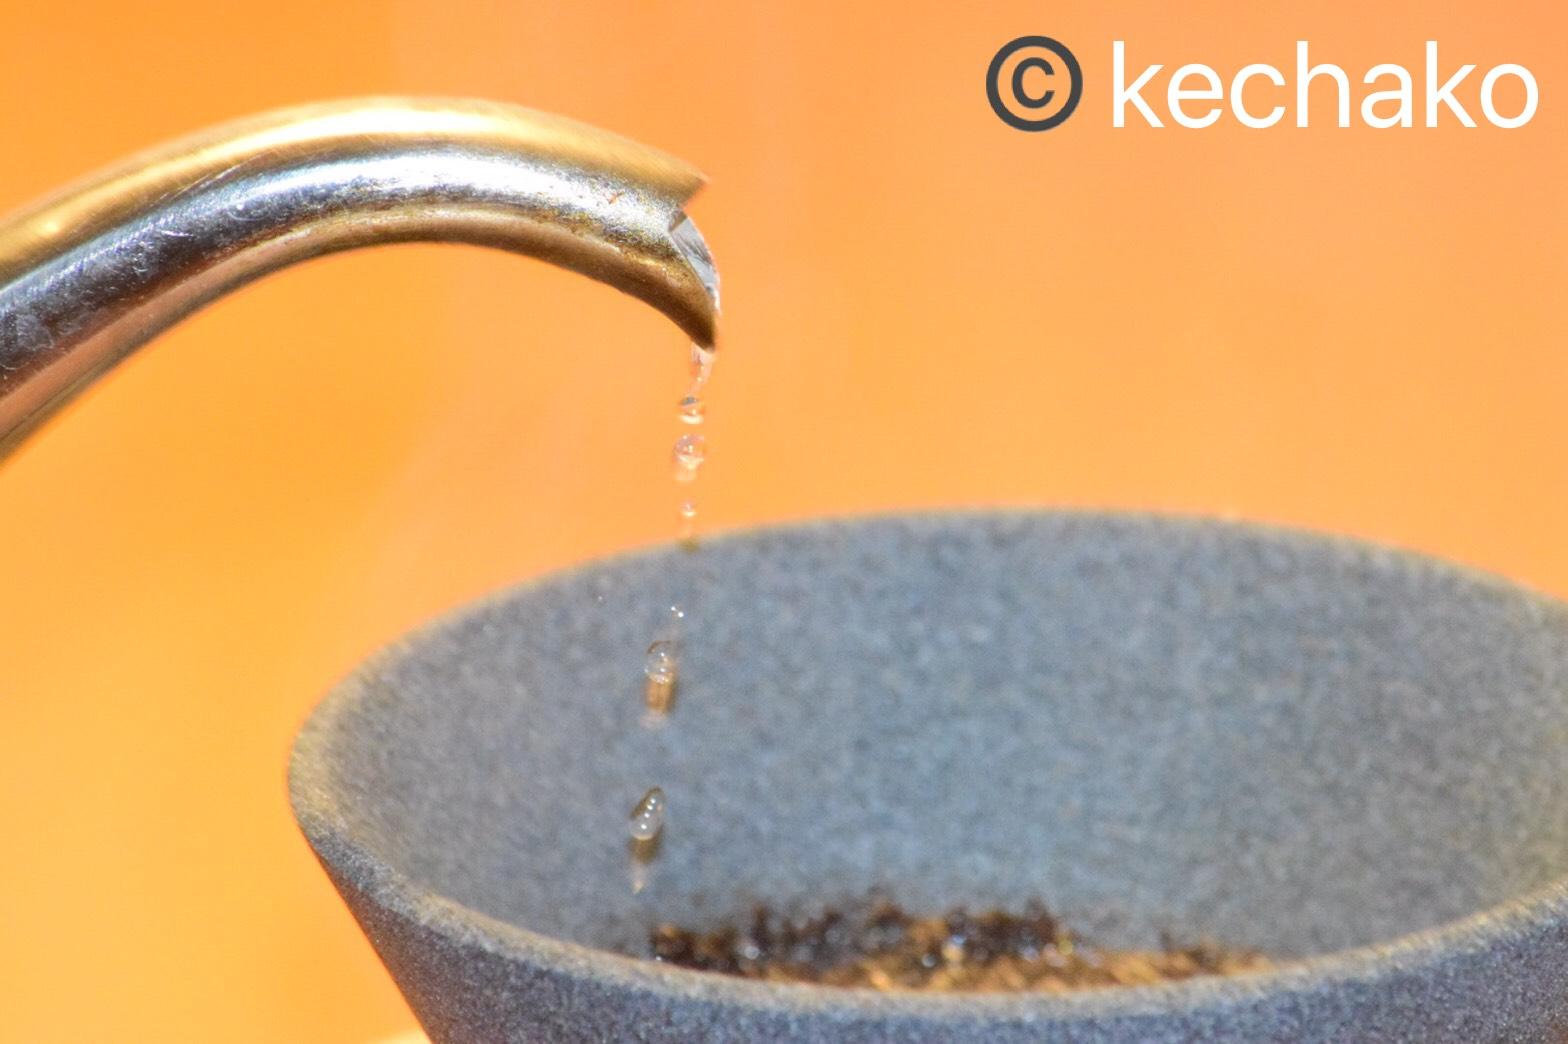 セラミックコーヒーフィルターにお湯をそそぐ